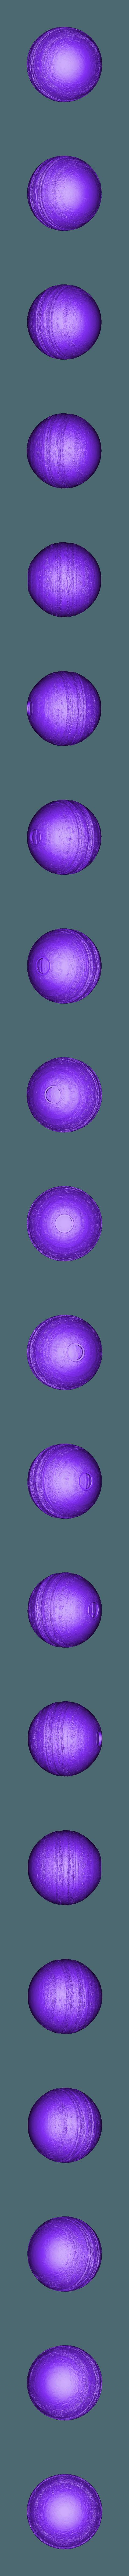 Jupiter_1MM.stl Download free STL file Jupiter lamp with base • 3D printer object, Toolmoon